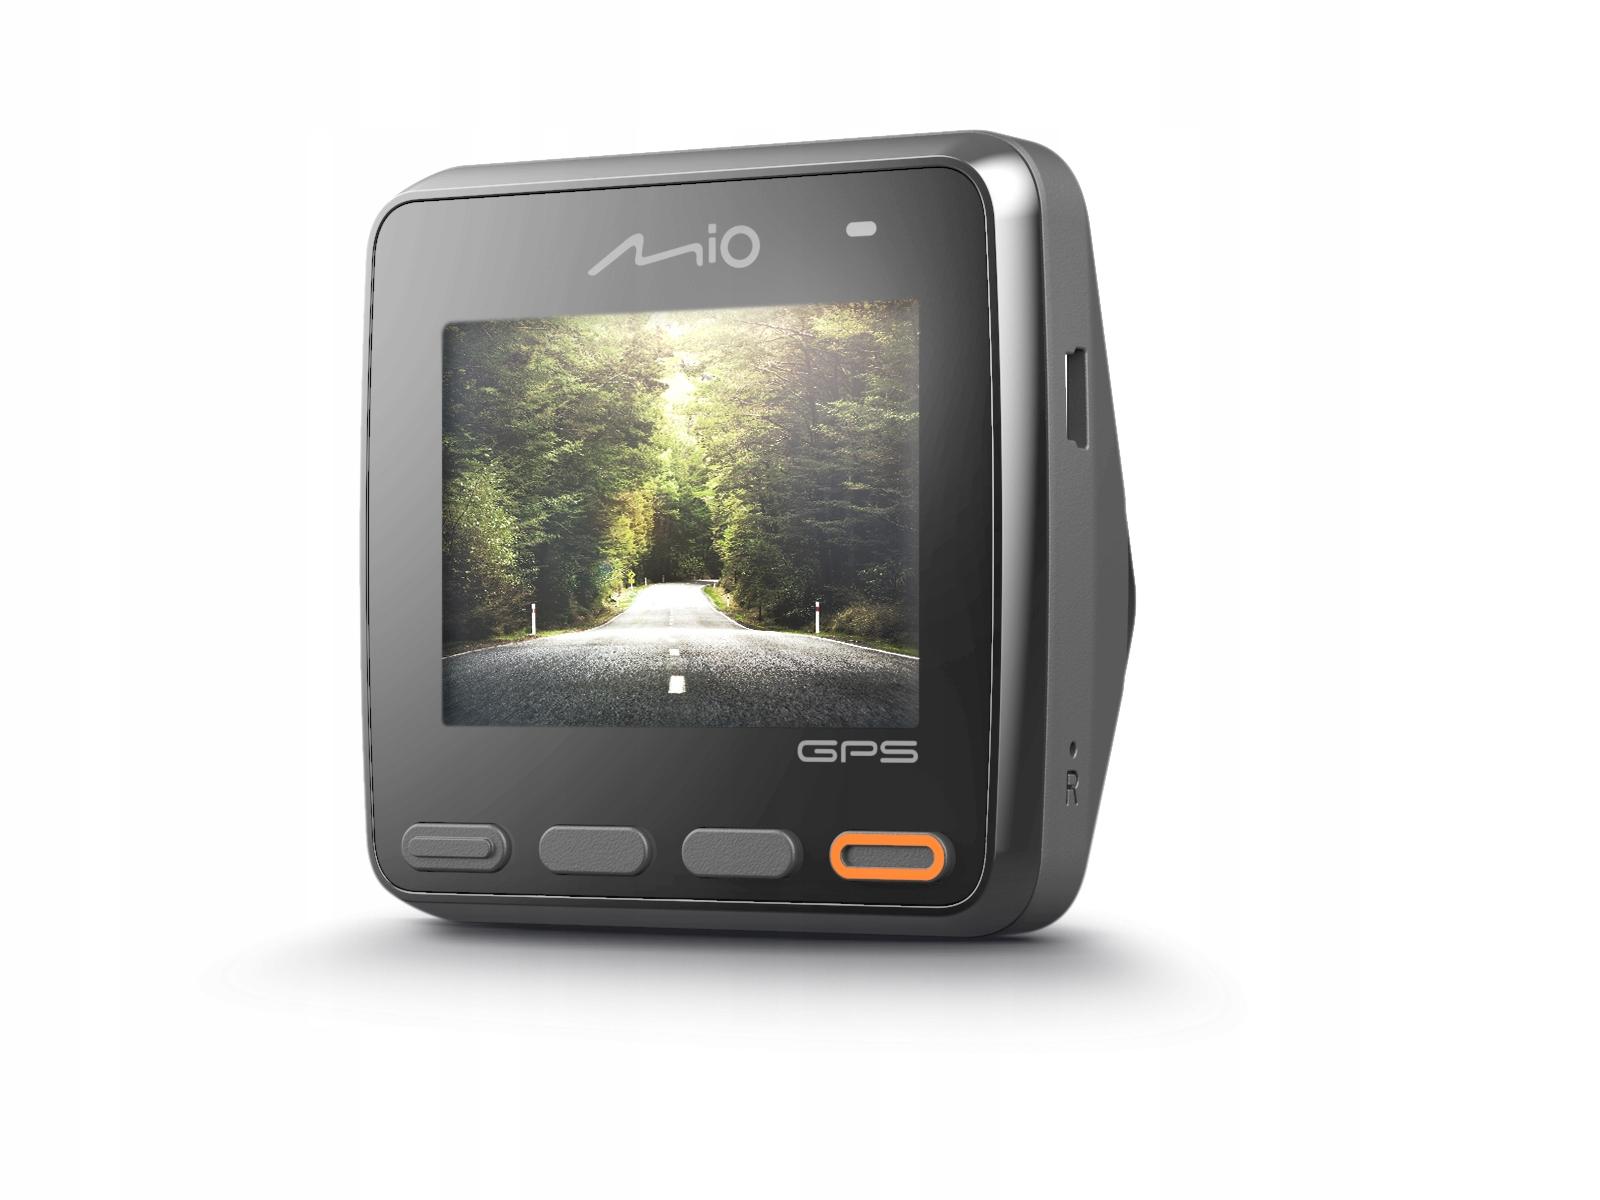 MIO MIVUE C430 REJESTRATOR GPS BAZA FOTORADARÓW Kod producenta 442N67600013